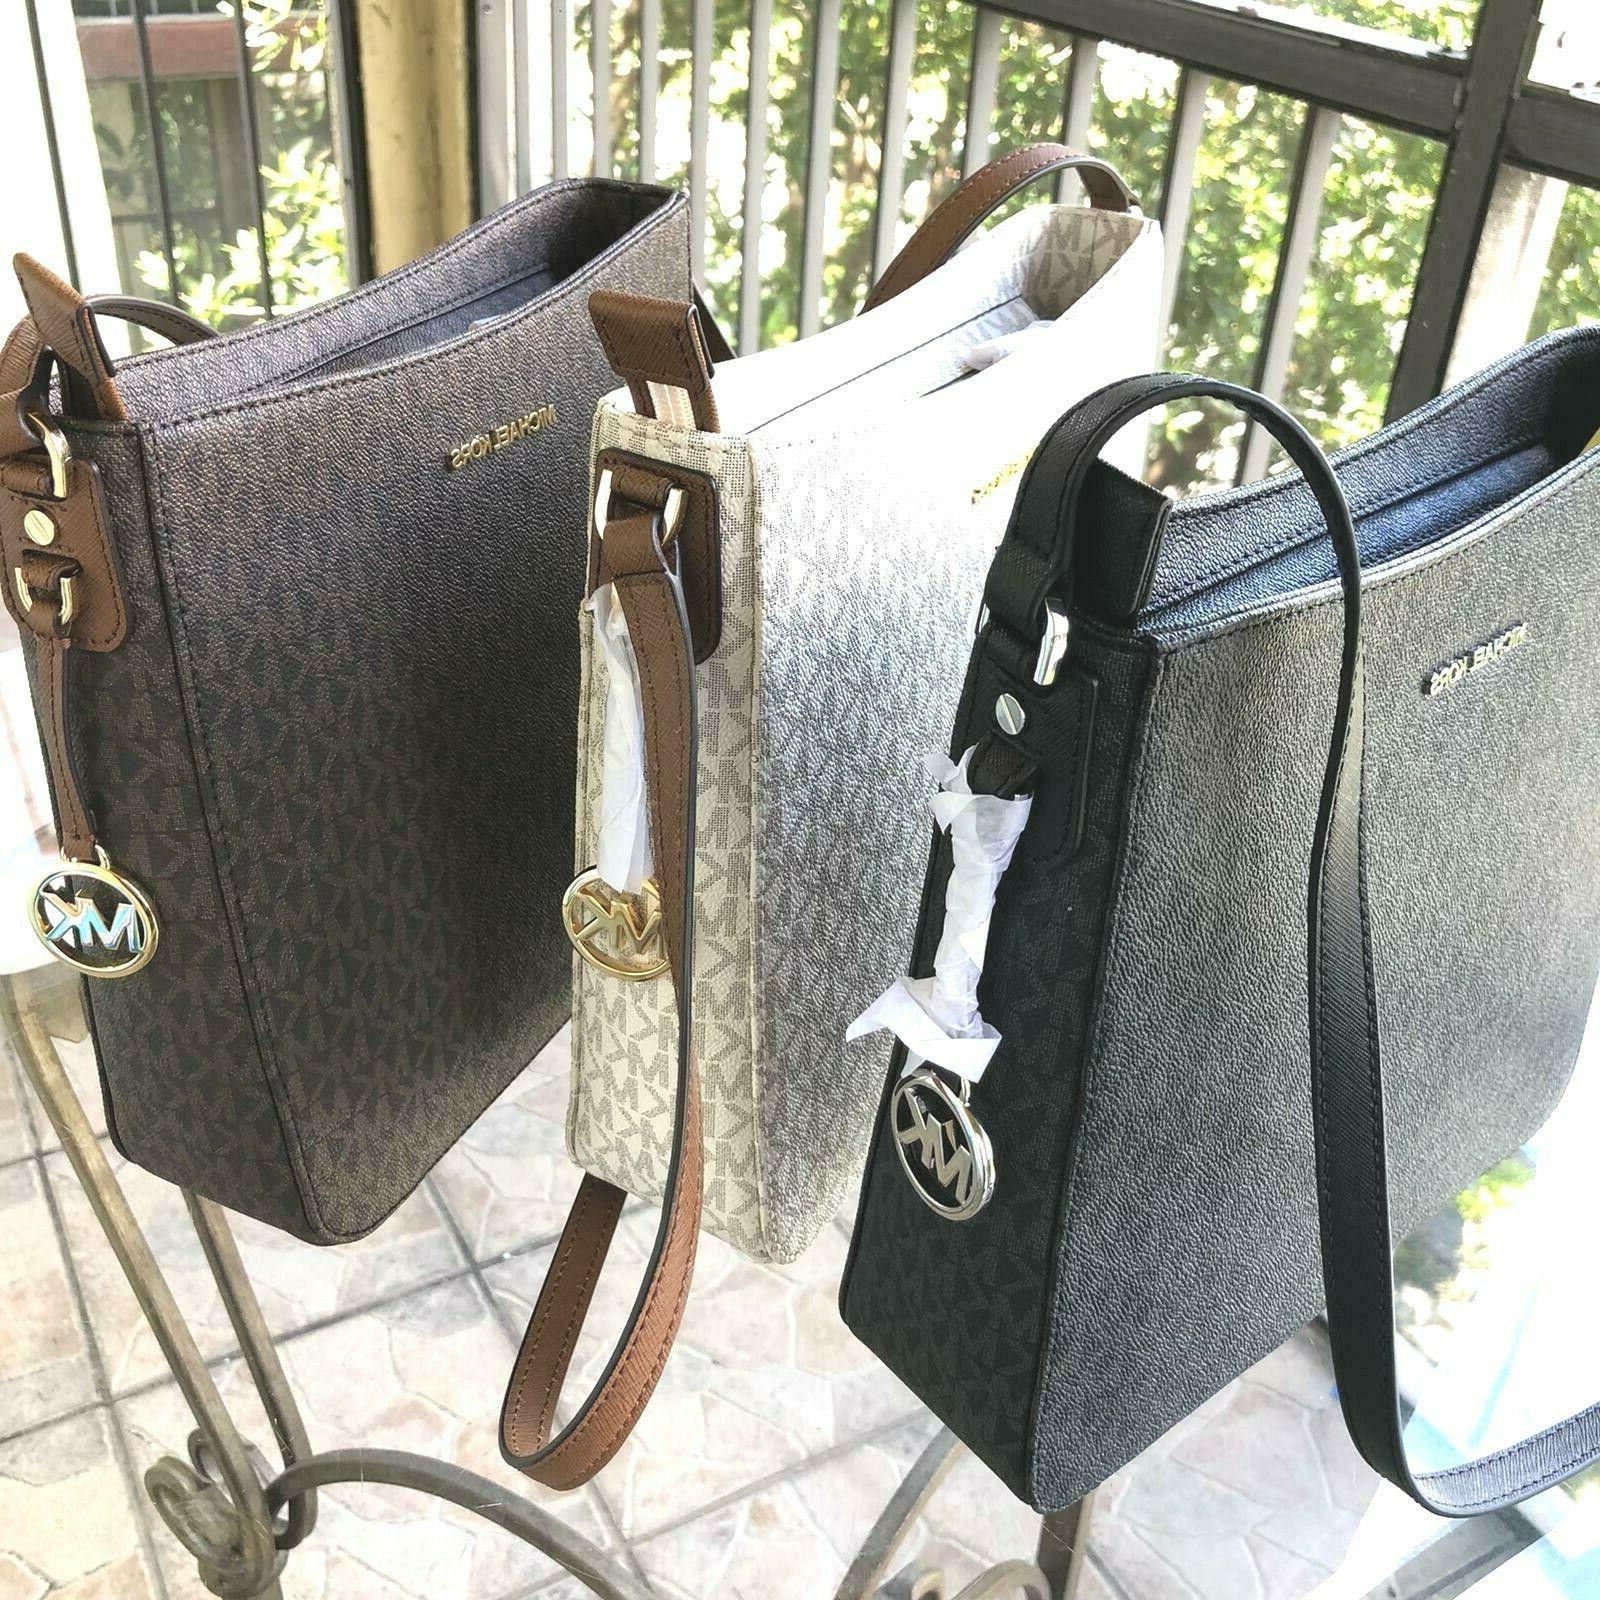 Michael Kors Women PVC Leather Messenger Purse Bag Shoulder